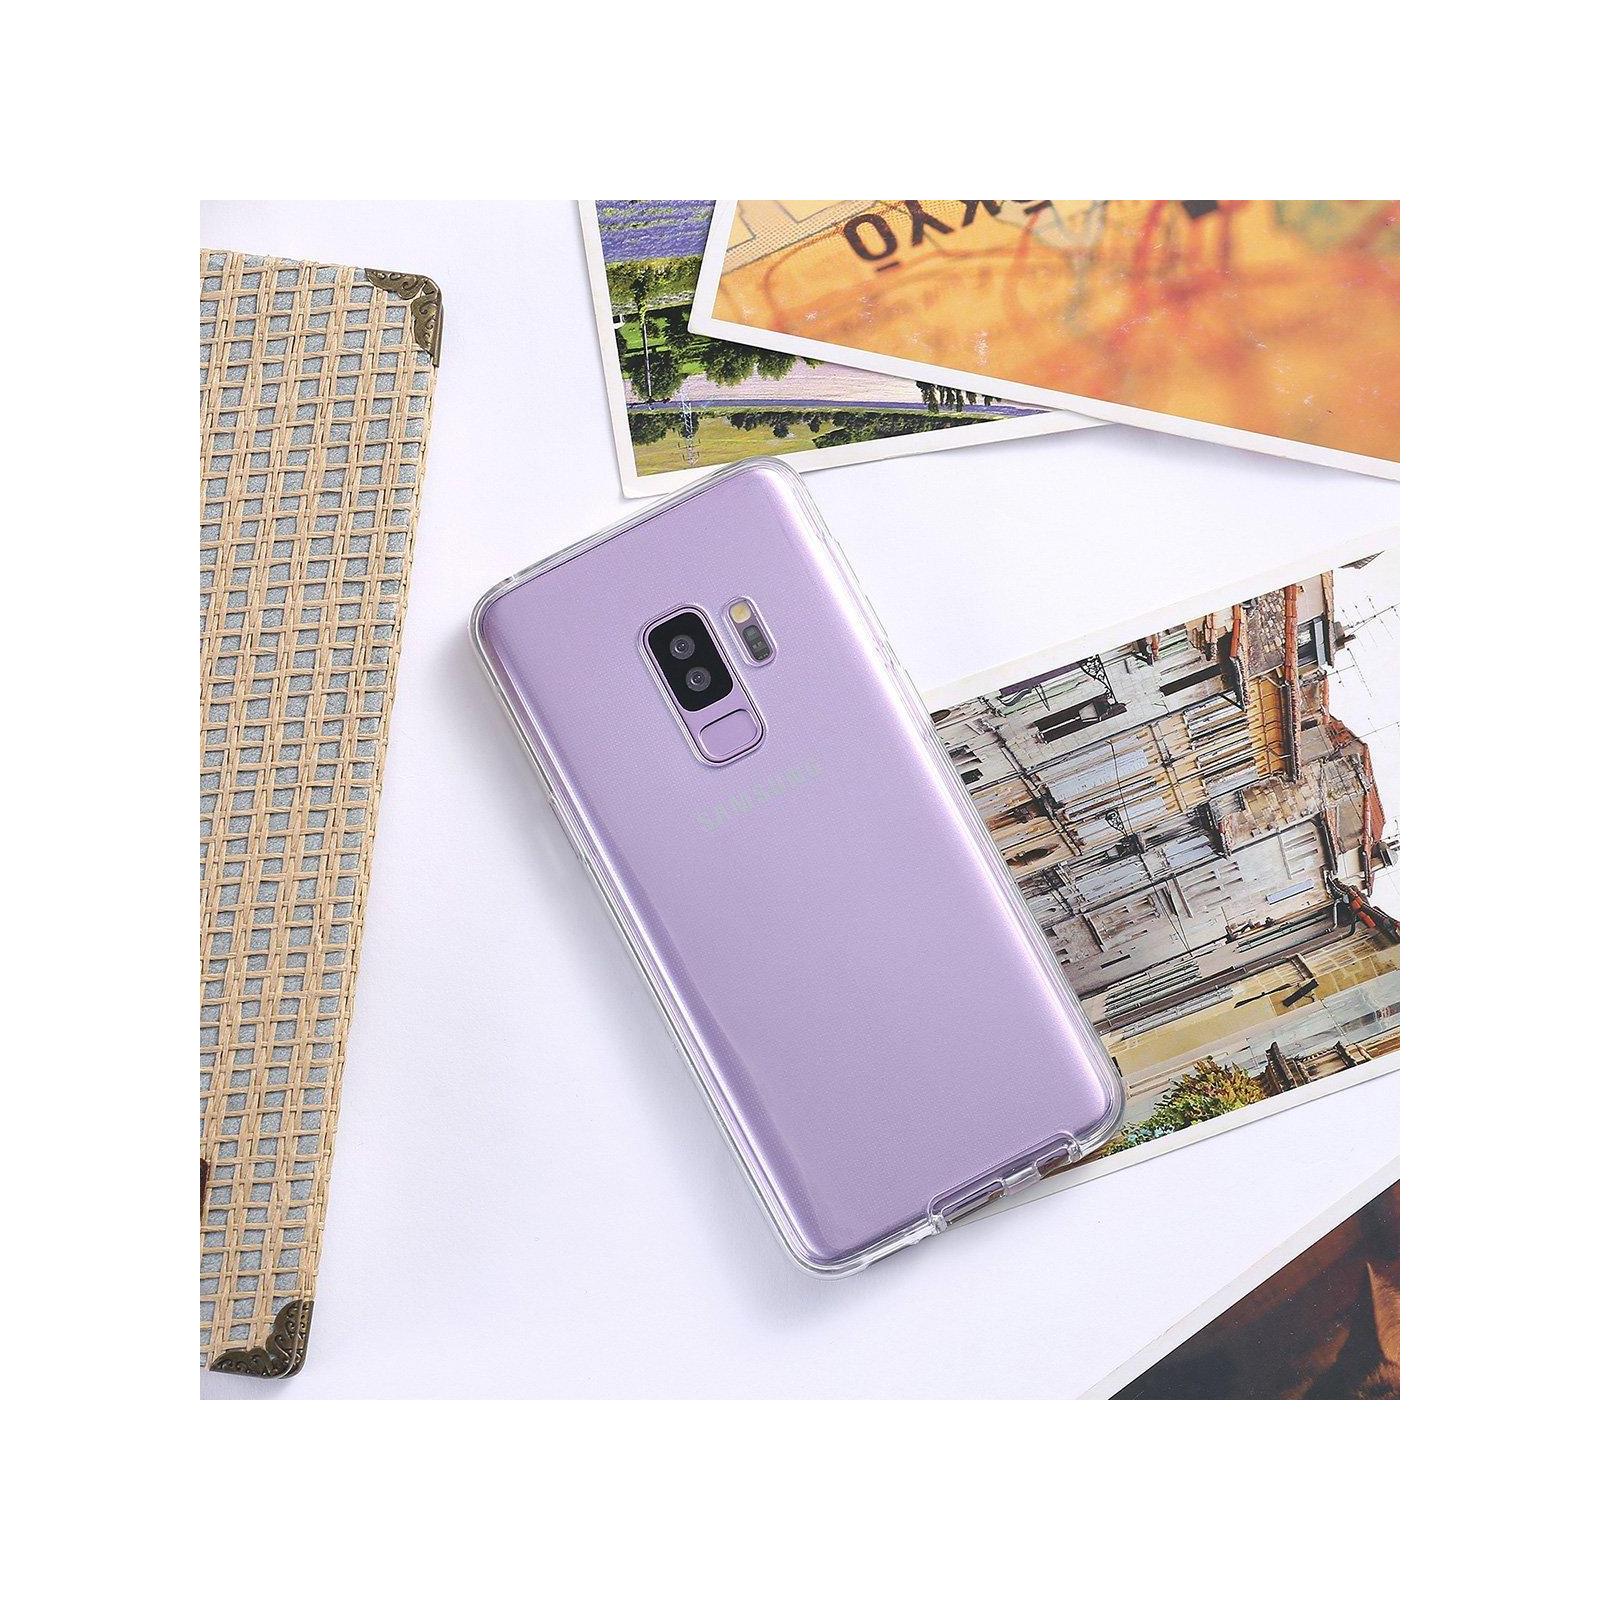 Чехол для моб. телефона Laudtec для SAMSUNG Galaxy S9 Plus Clear tpu (Transperent) (LC-GS9PB) изображение 8